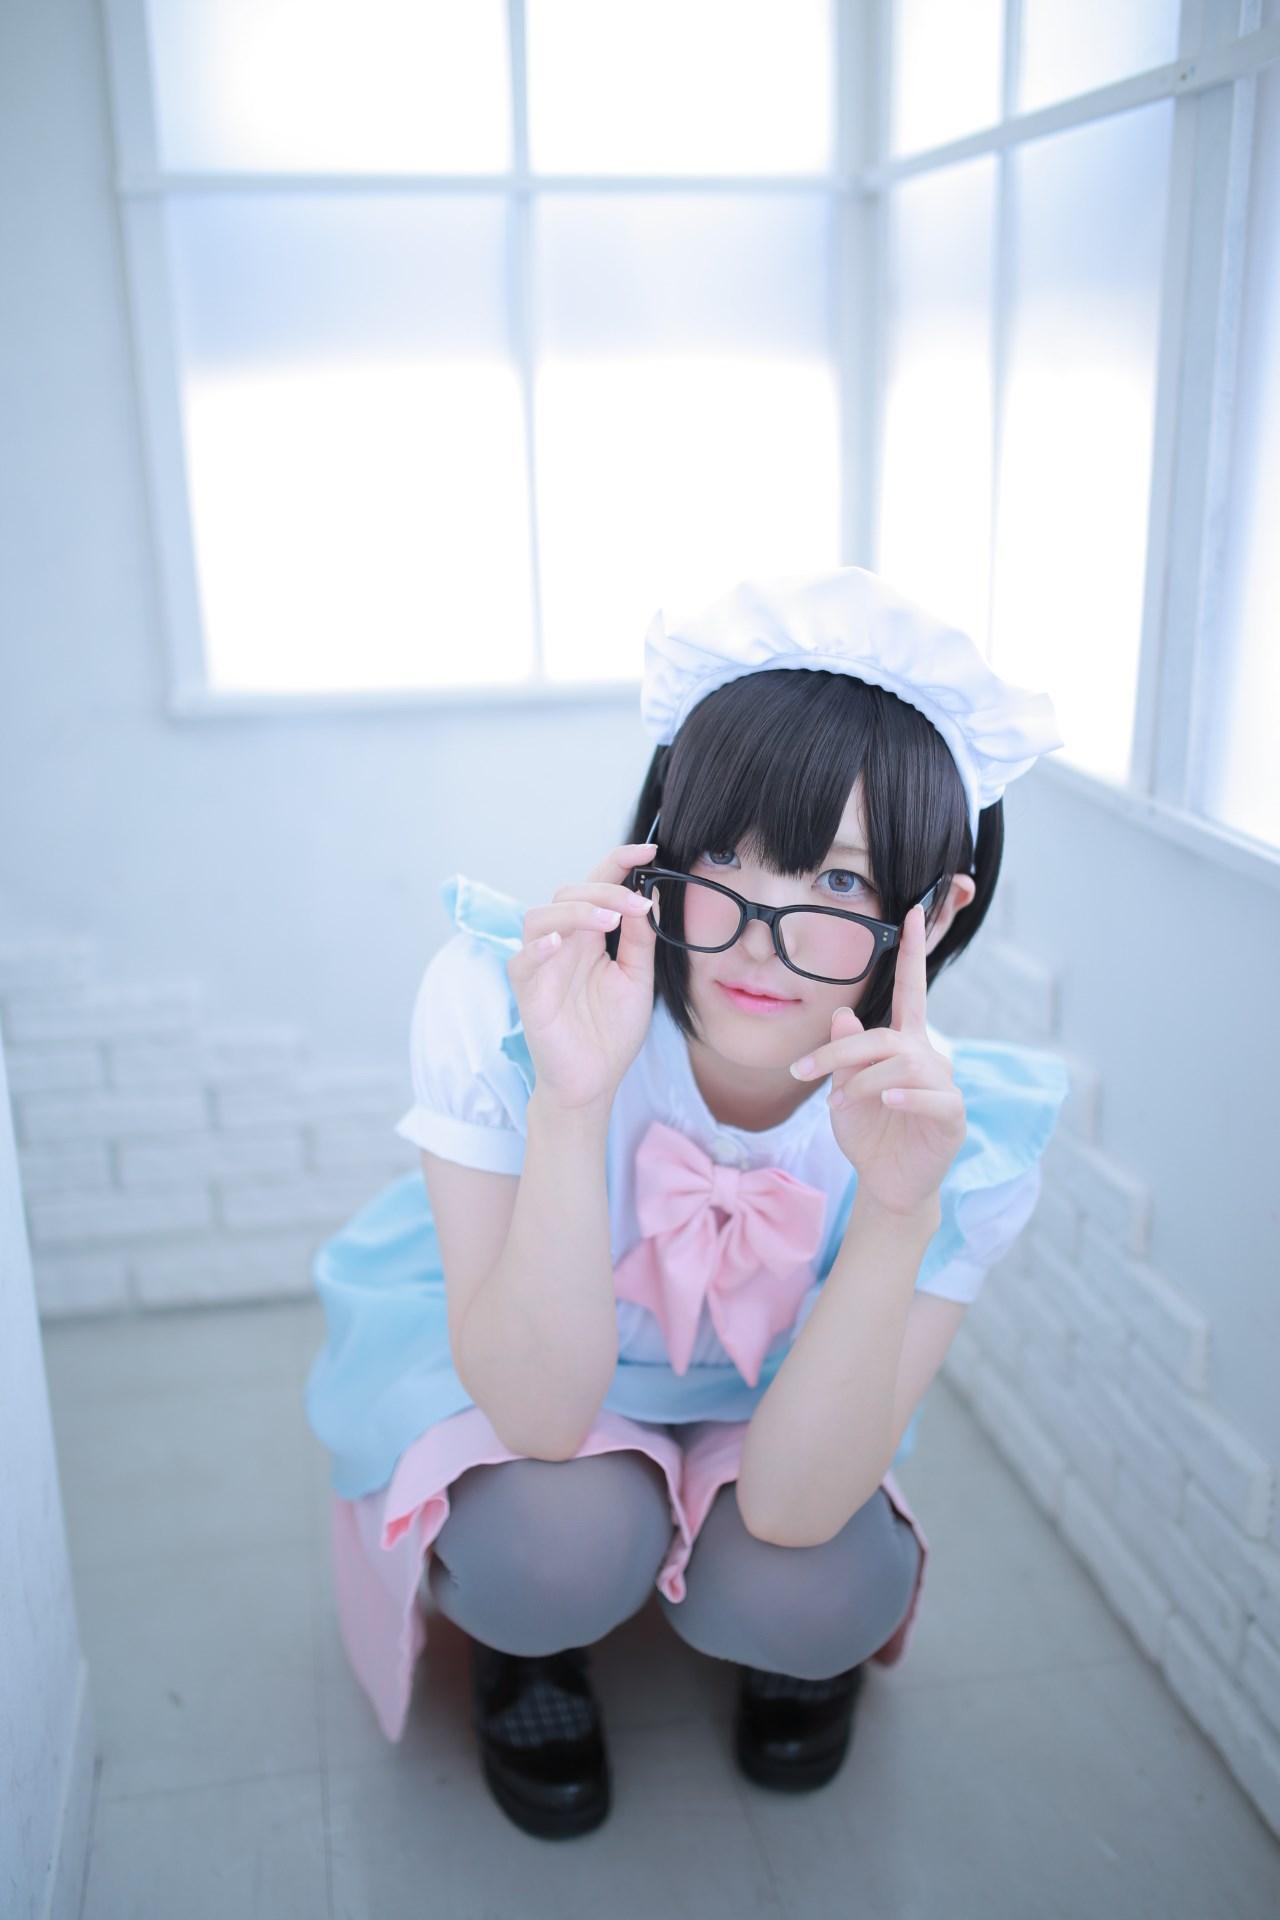 【兔玩映画】眼镜女仆 兔玩映画 第63张